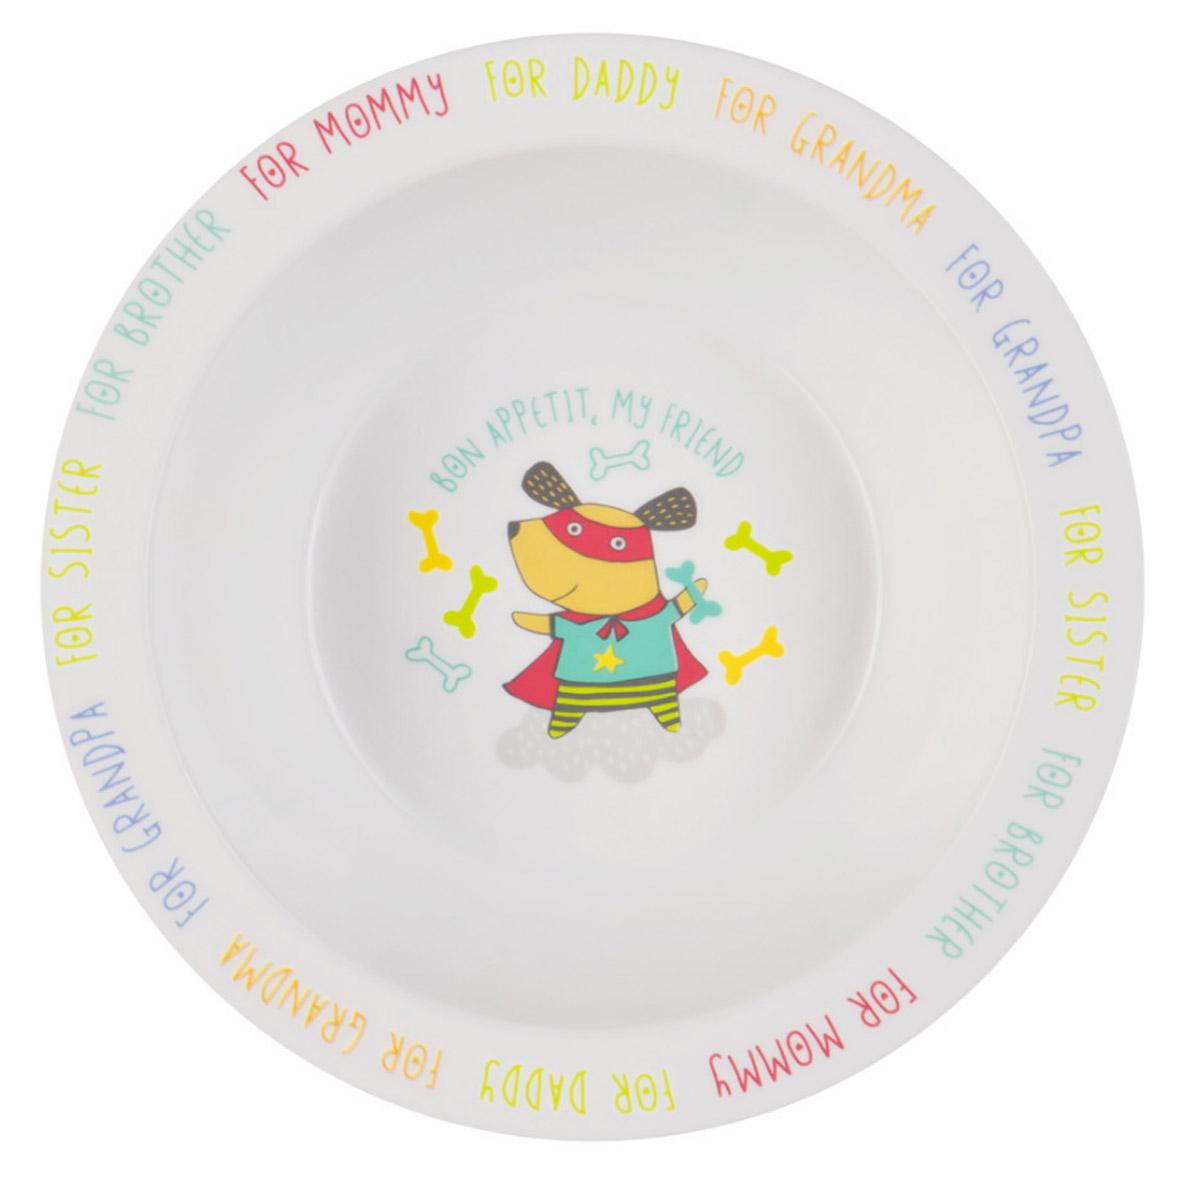 Happy Baby Тарелка глубокая для кормления Собака с присоской цвет белый желтый15029_собакаГлубокая тарелка для кормления Happy Baby Собака с присоской поможет приучить малыша кушать из посуды для взрослых. Выполненная из полипропилена и термопластичного эластомера, тарелка не бьется при случайном падении, имеет малый вес, широкие края. Забавная нарисованная собачка на дне тарелки поможет заинтересовать малыша процессом кормления. Широкая присоска на дне прочно фиксирует тарелку на гладкой поверхности и не позволит ее перевернуть. Не содержит бисфенол-А. Можно разогревать в СВЧ-печи и мыть в посудомоечной машине без присоски.